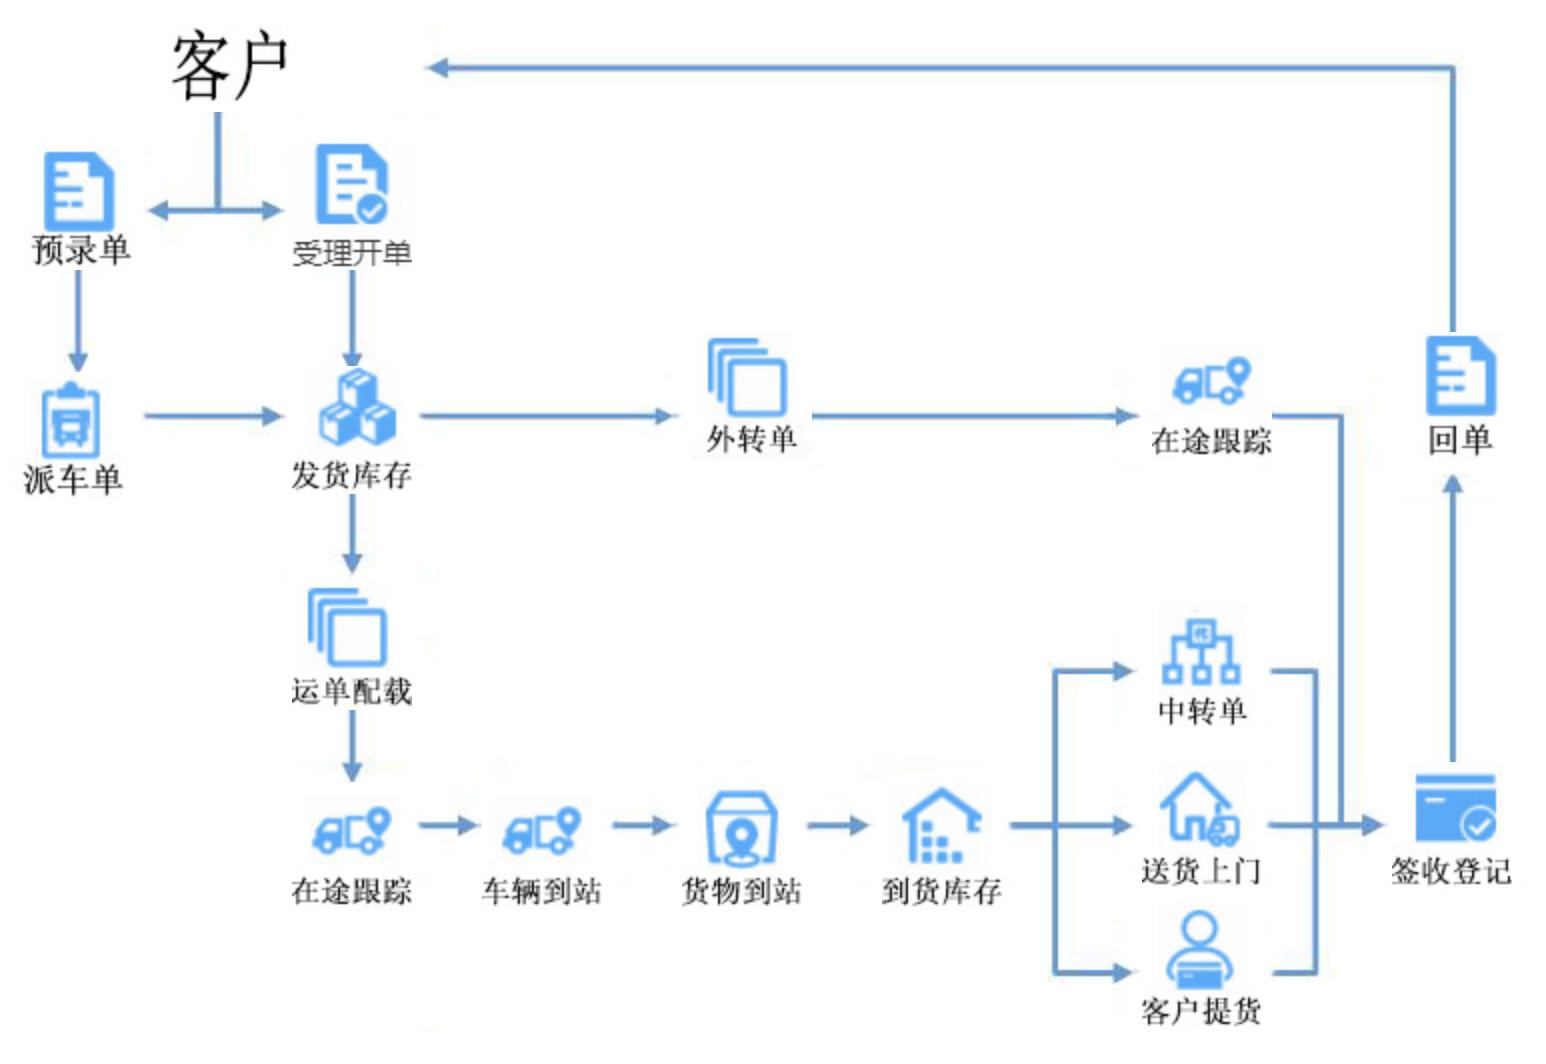 物流管理业务流程.png